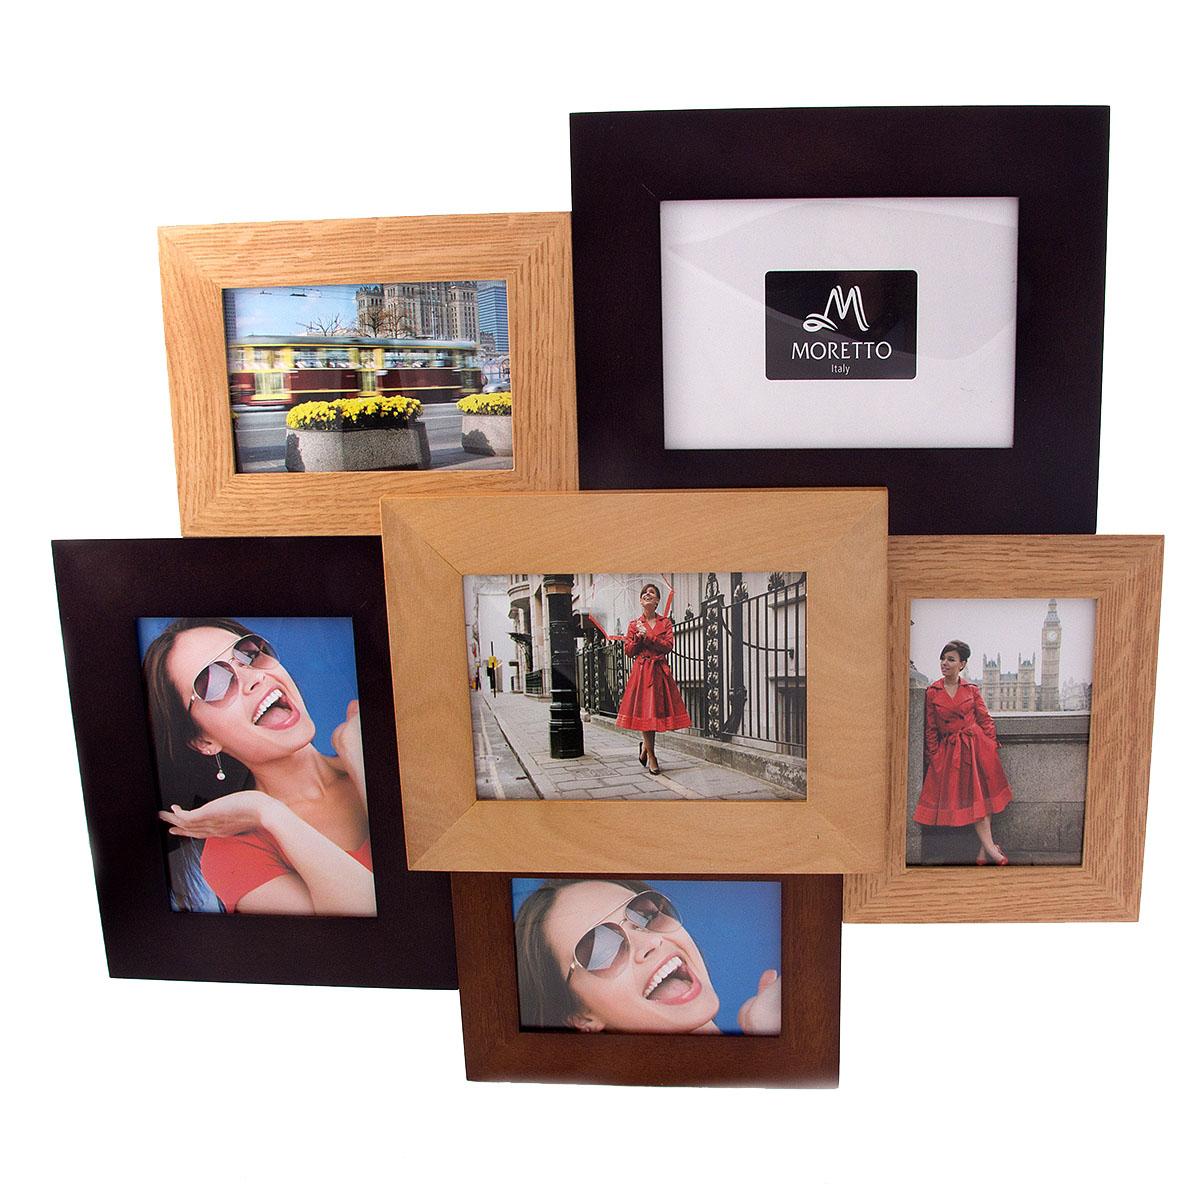 Фоторамка-коллаж Moretto, на 6 фото. 3819538195Фоторамка-коллаж Moretto - прекрасный способ красиво оформить ваши фотографии. Фоторамка выполнена из дерева и защищена стеклом. Фоторамка-коллаж представляет собой шесть фоторамок для фото оригинально соединенных между собой. Такая фоторамка поможет сохранить в памяти самые яркие моменты вашей жизни, а стильный дизайн сделает ее прекрасным дополнением интерьера комнаты.